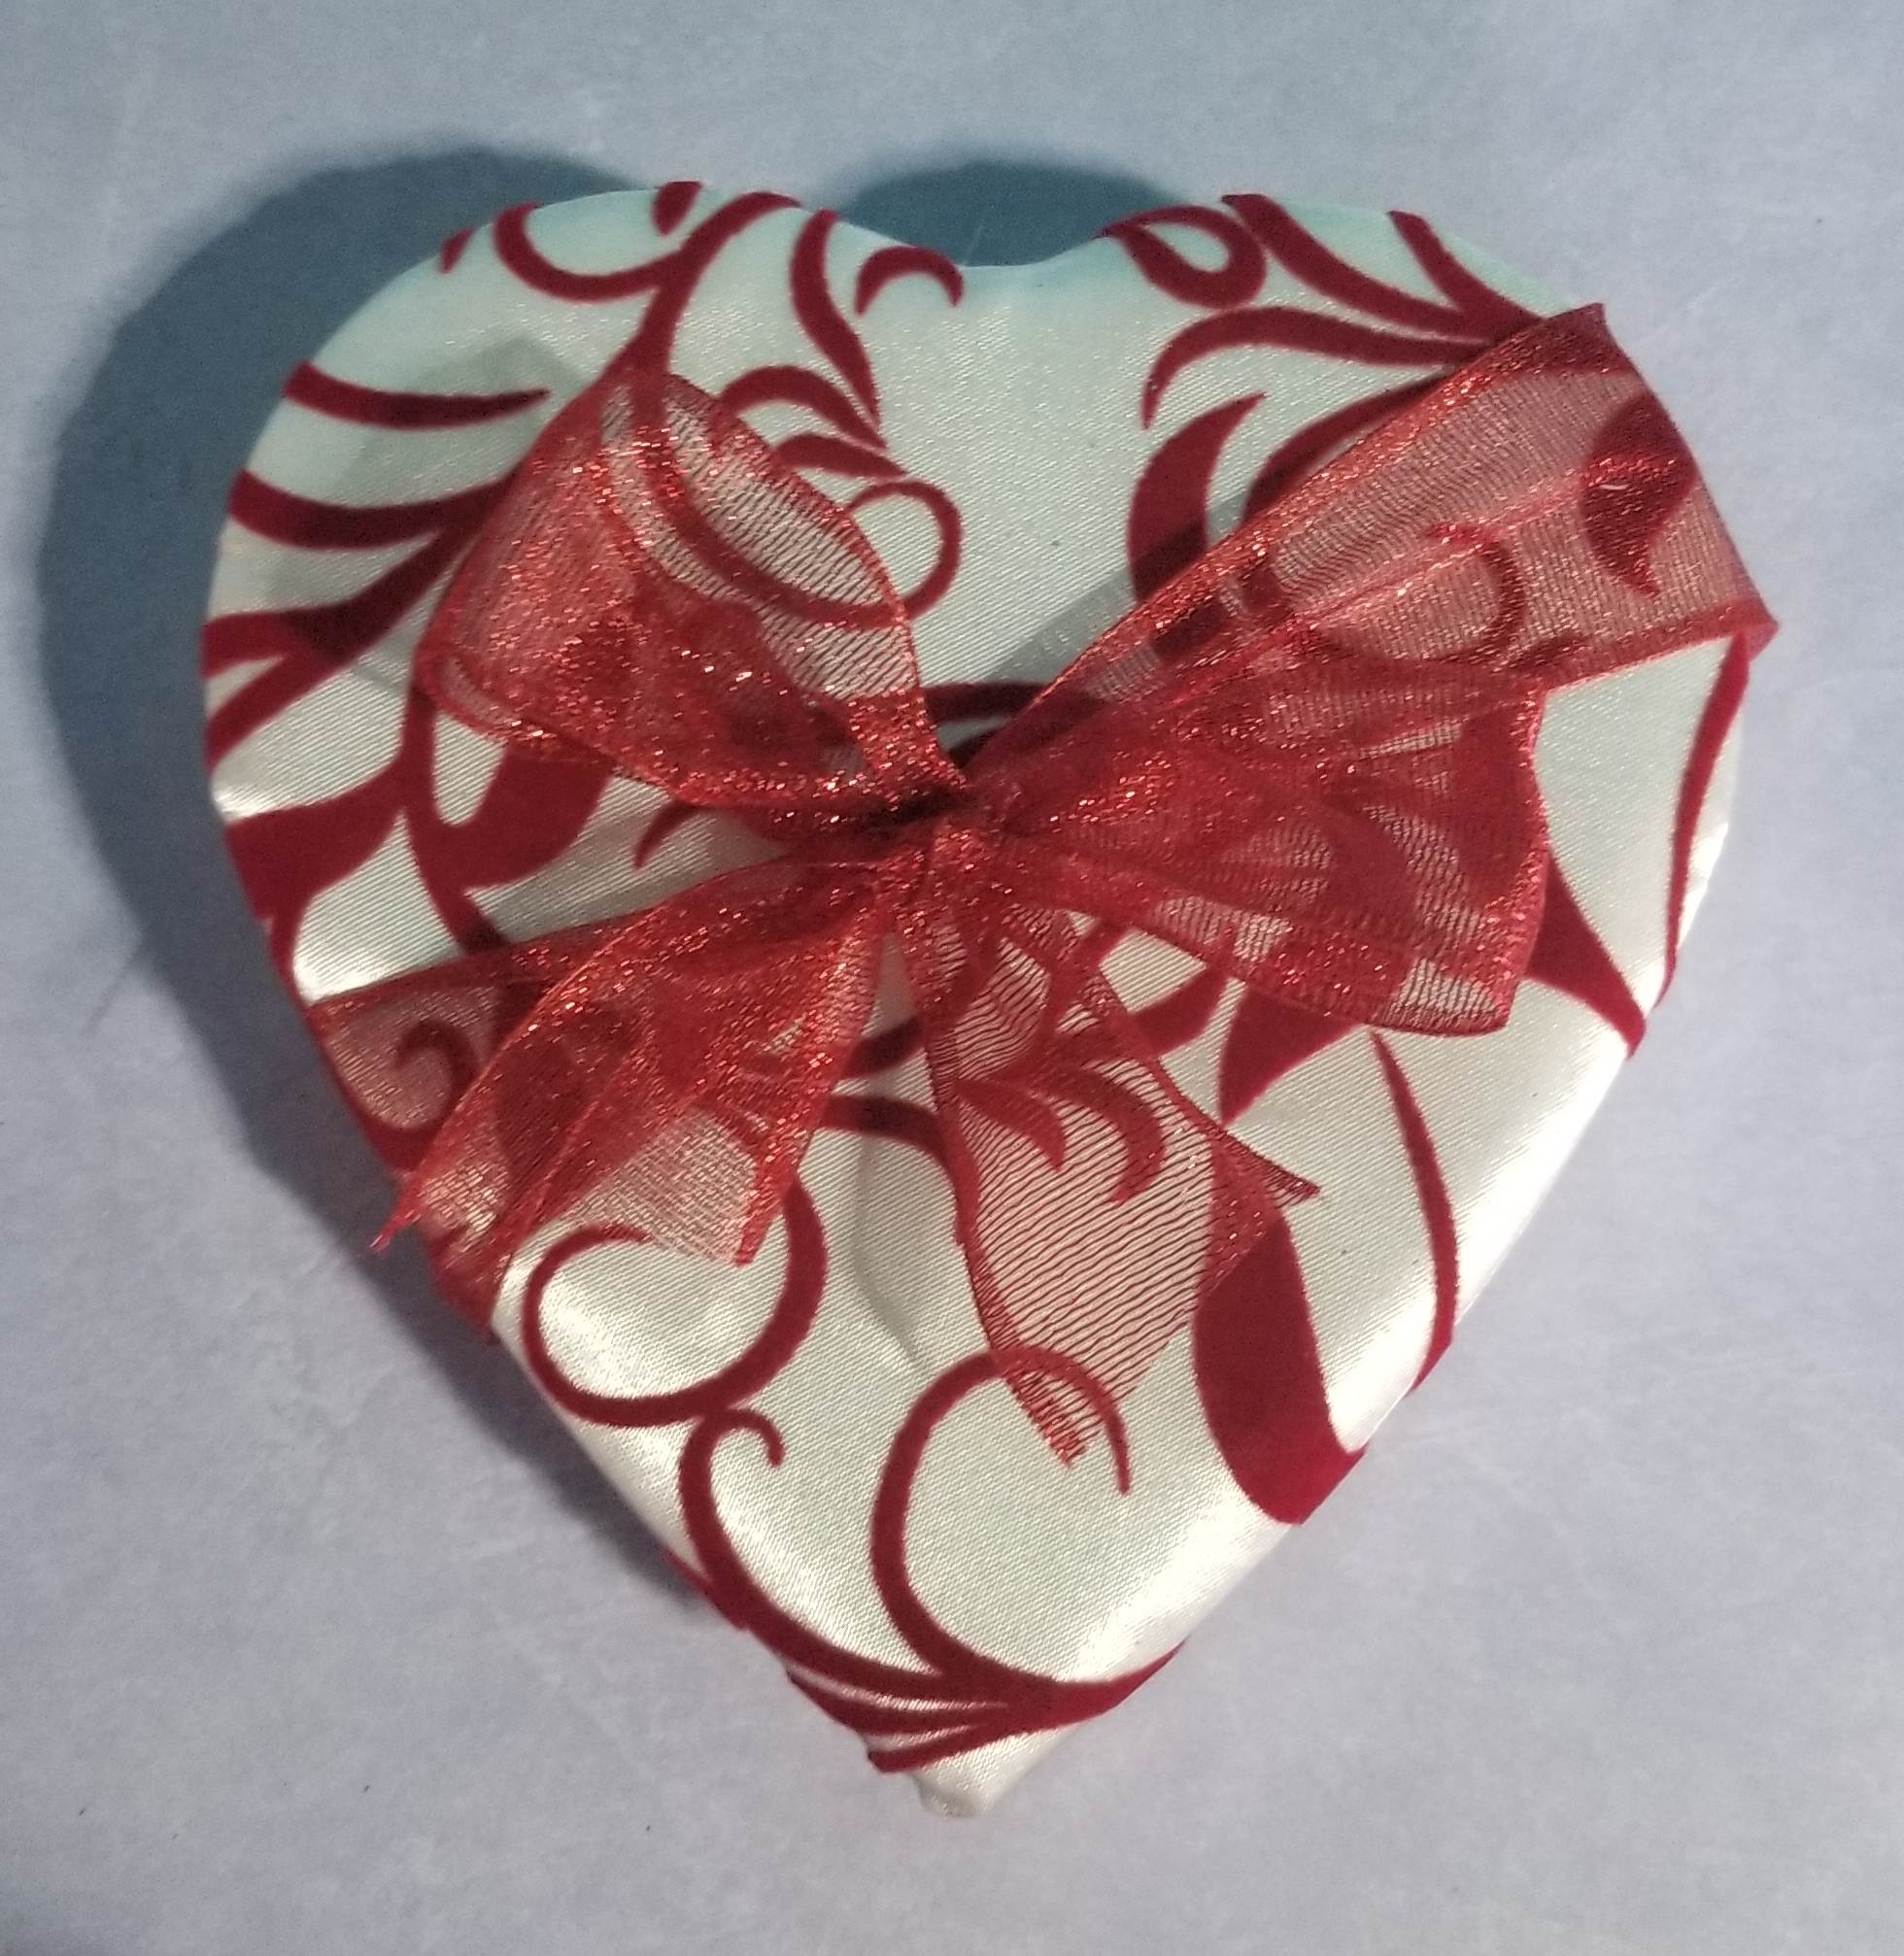 14 Piece Valentine Heart Box